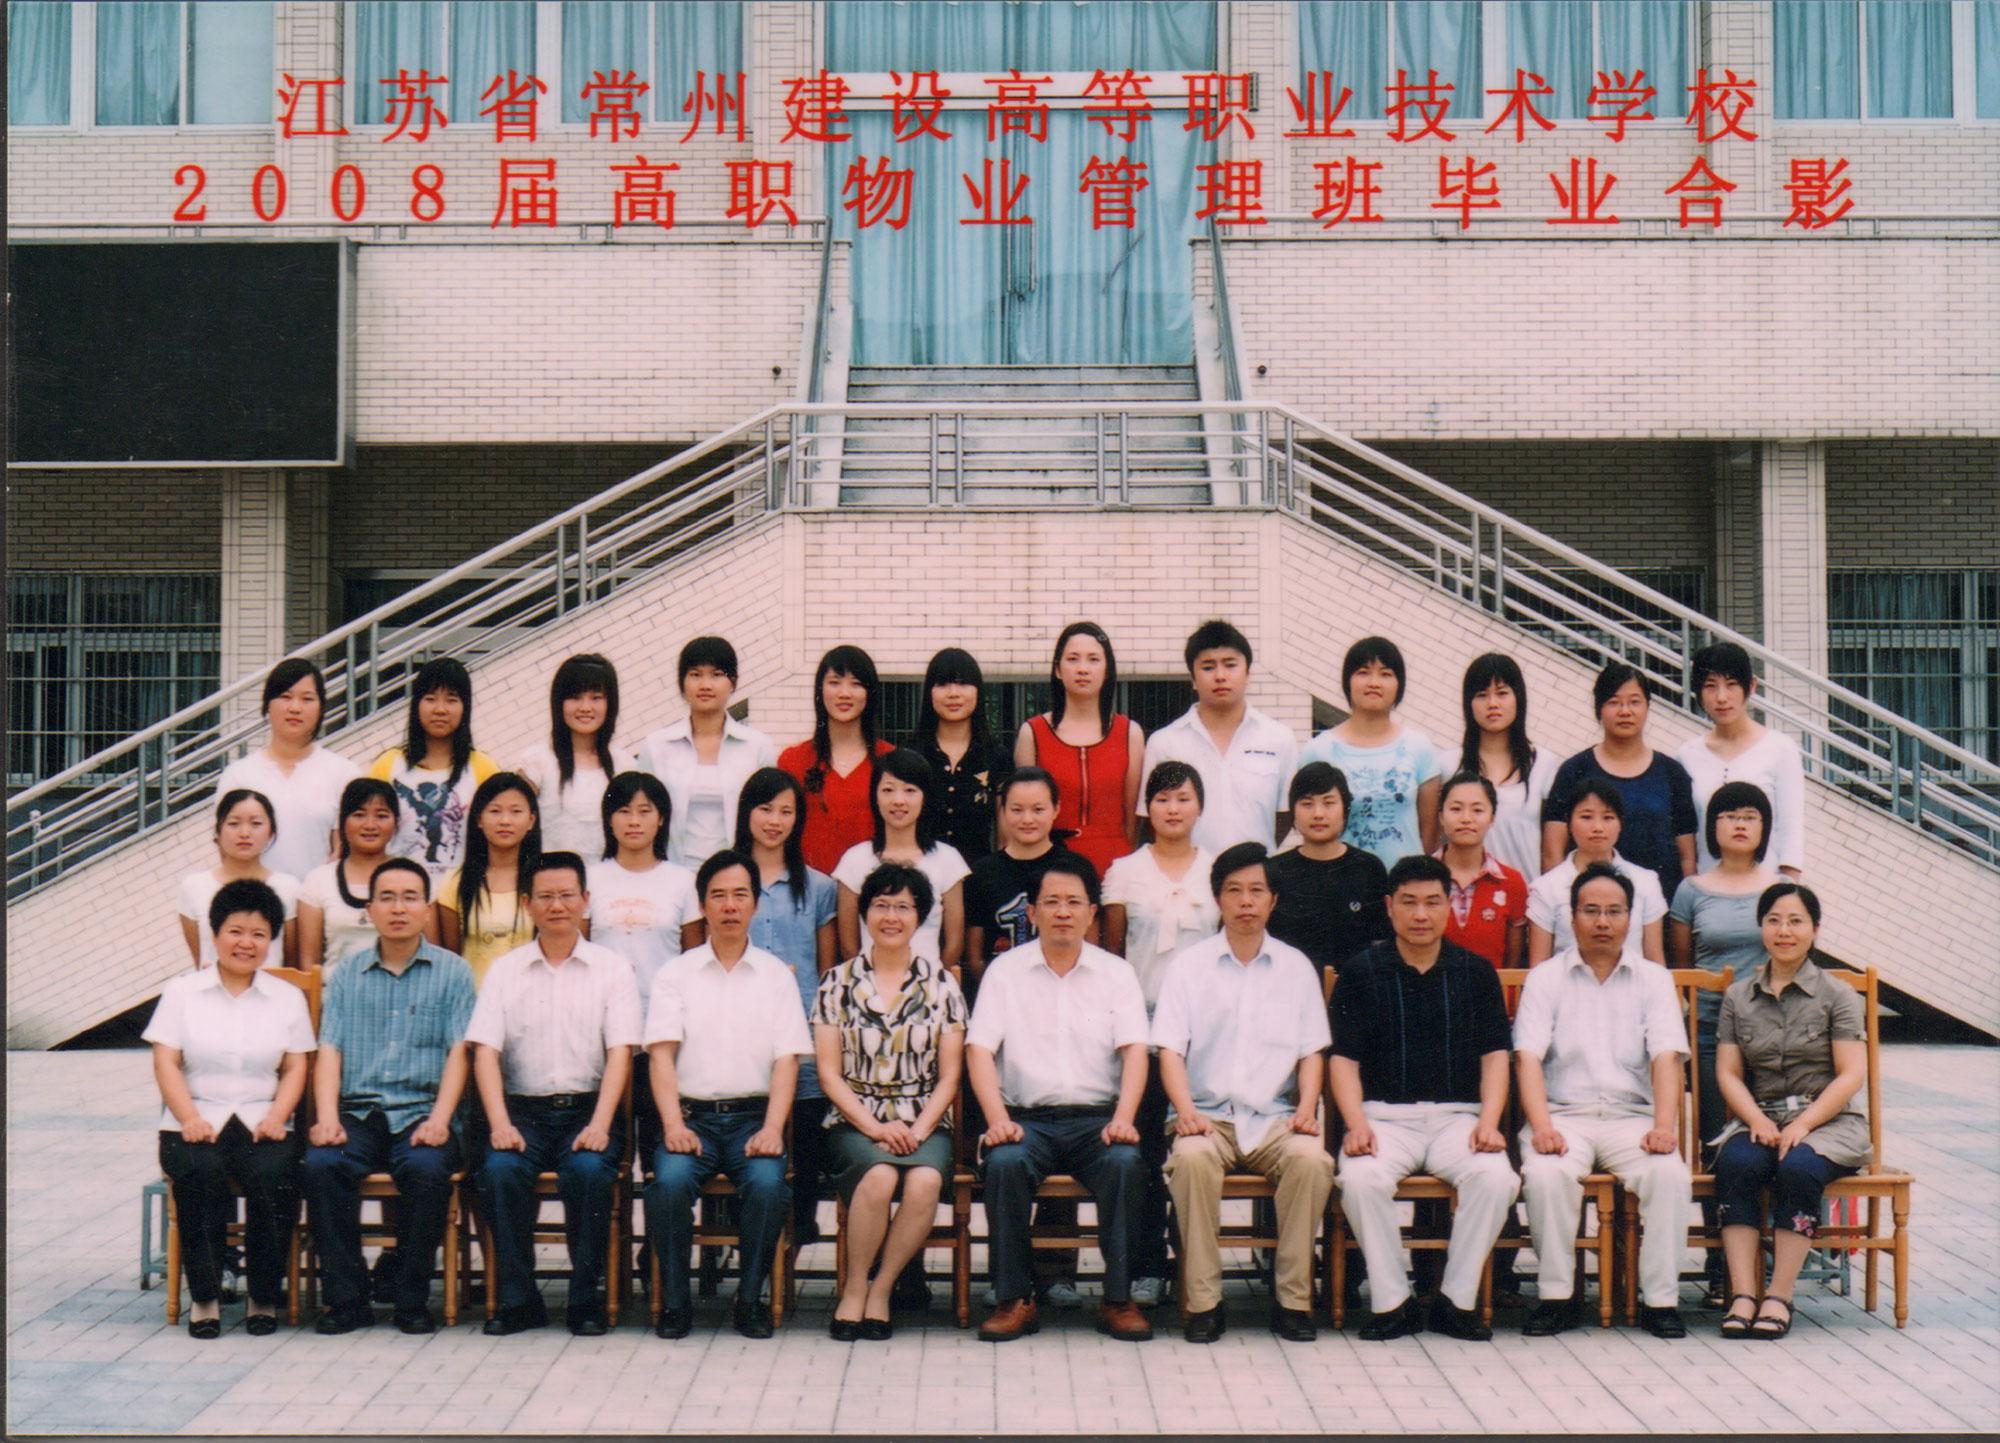 2008届高职物业管理班毕业合影